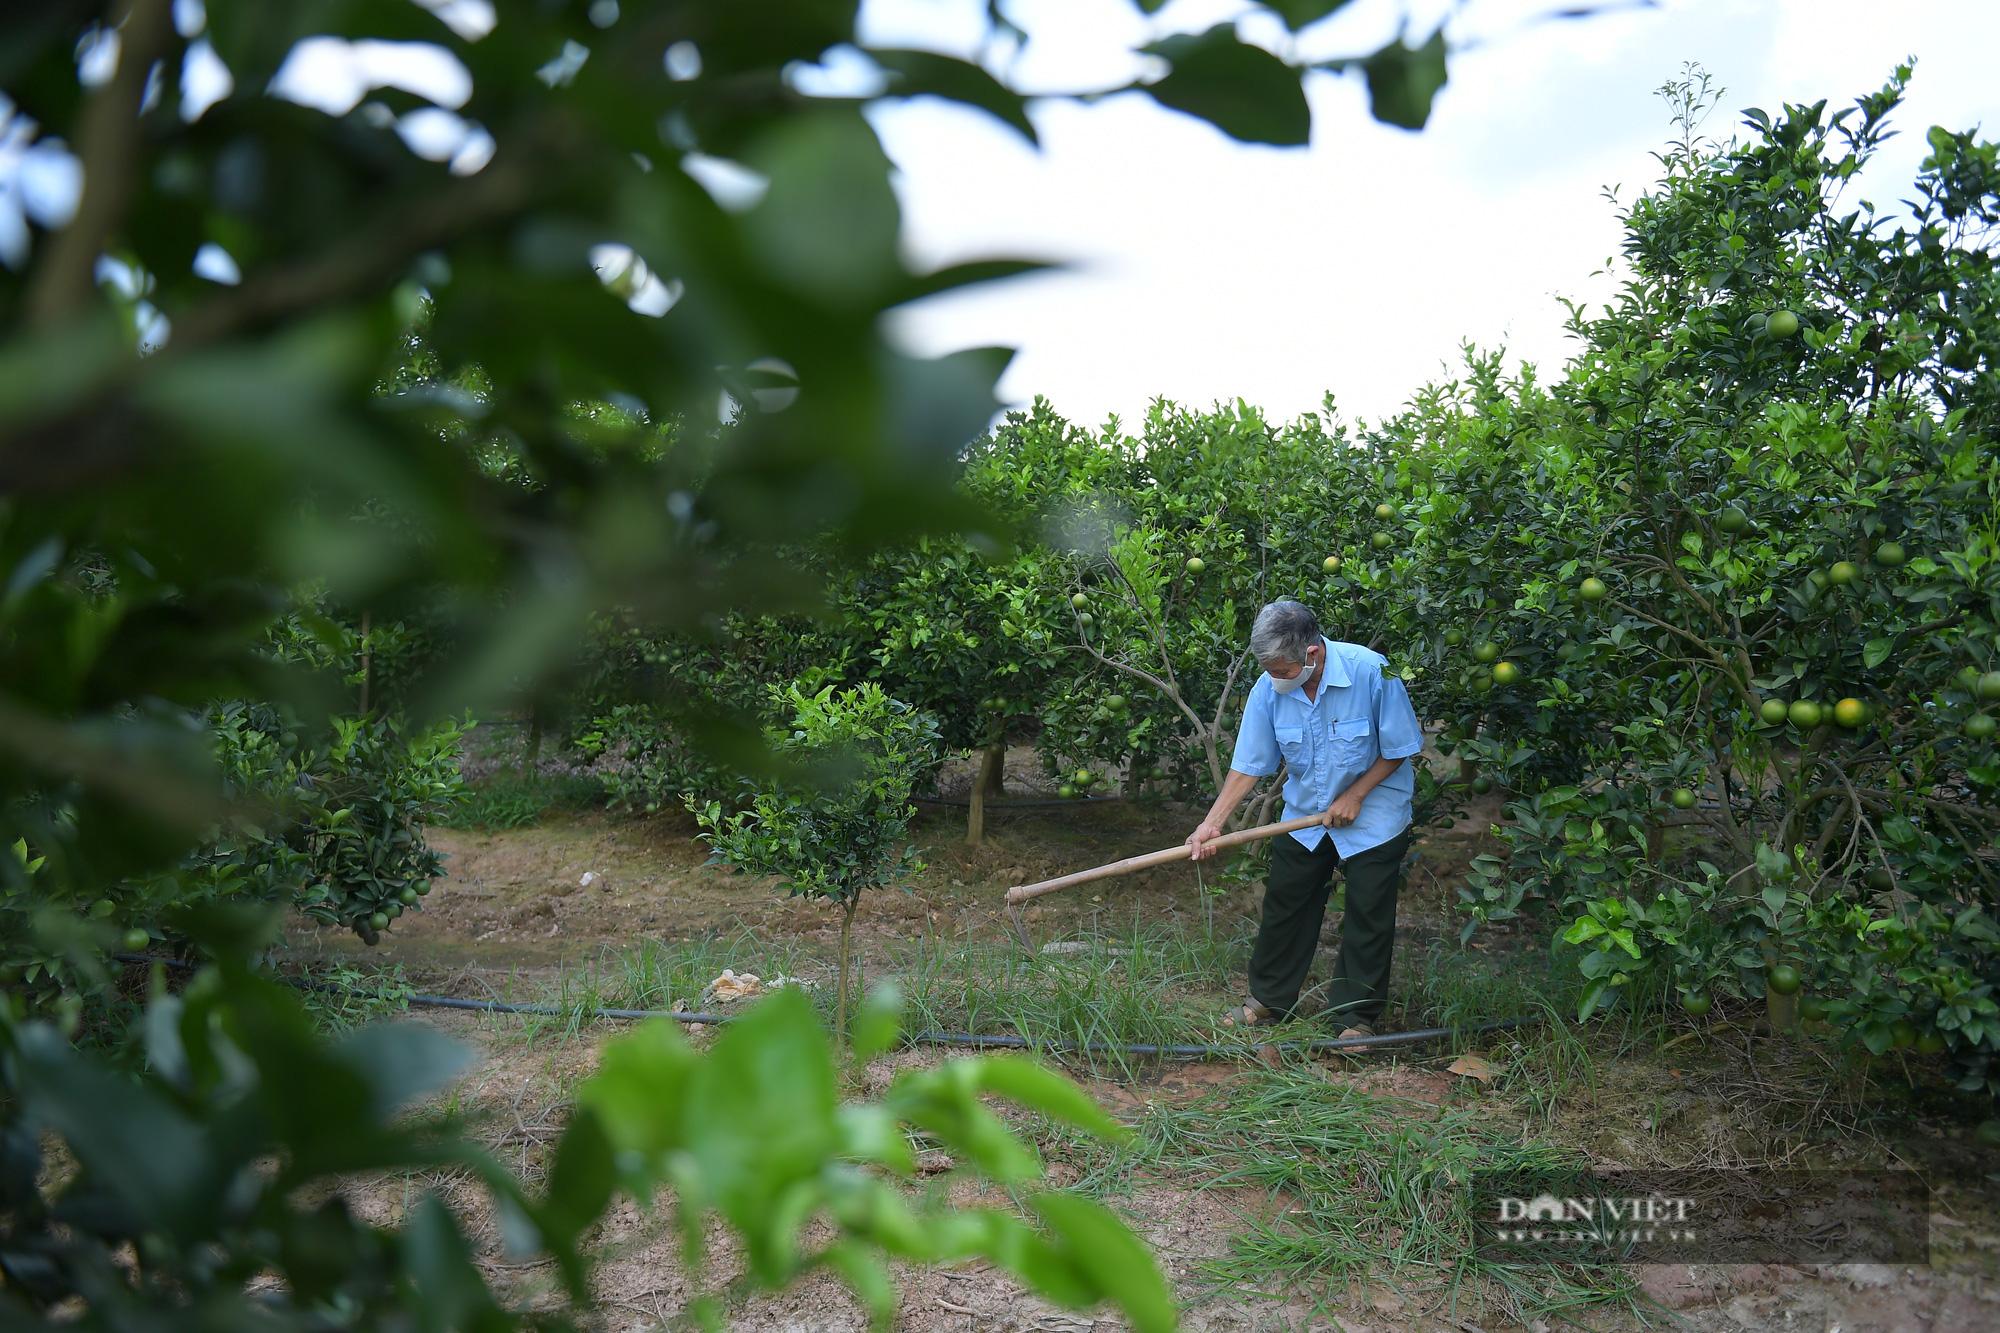 Dân ở đây trồng cam đặc sản ngon nức tiếng, cây sai trĩu quả, thu vài trăm triệu đồng một vụ là chuyện thường - Ảnh 8.